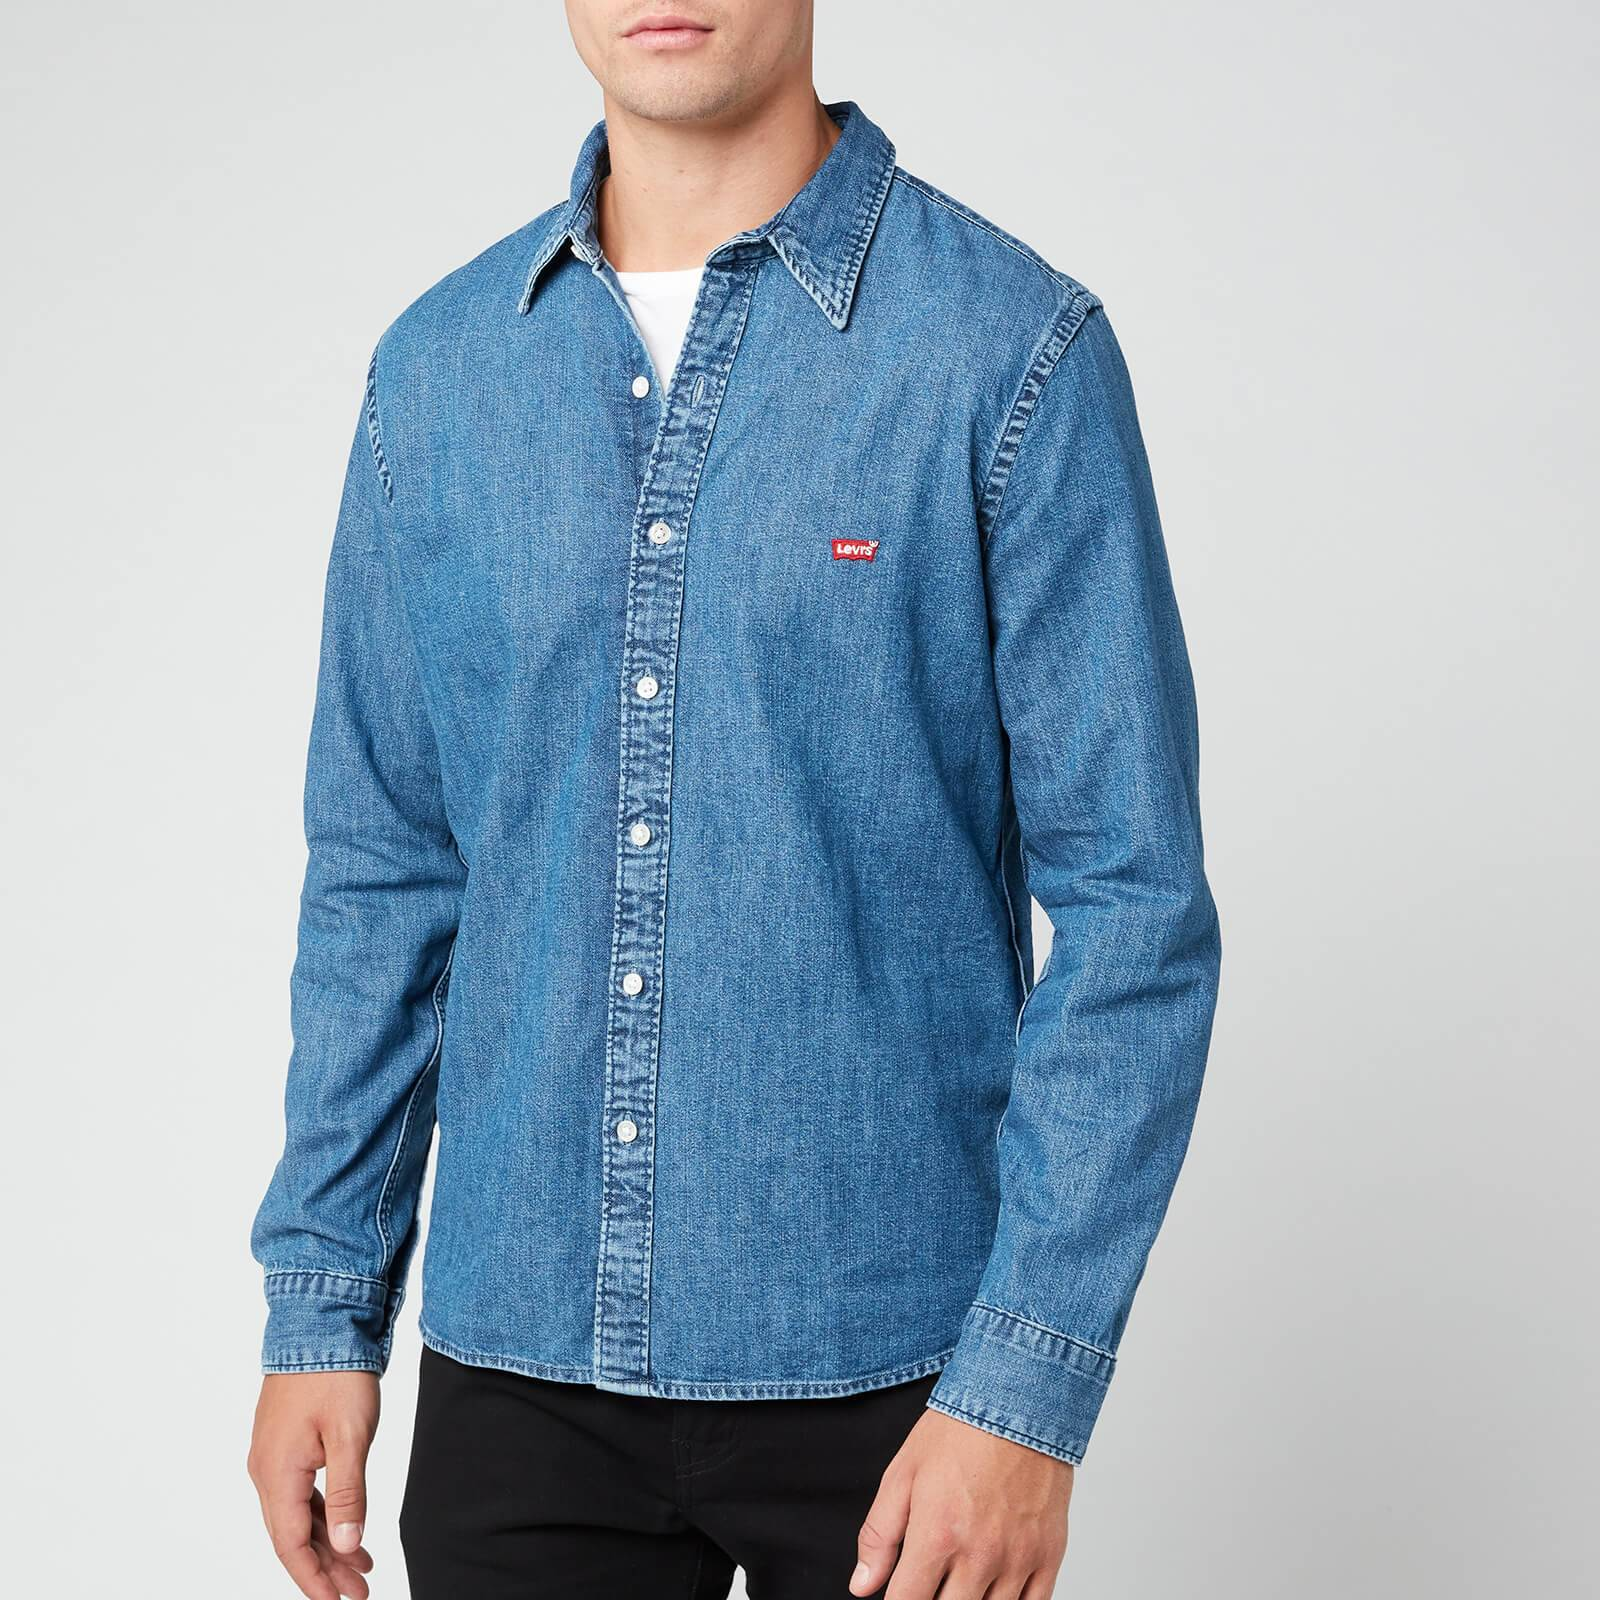 Levi's s Battery Housemark Denim Shirt - Redcast Stone - M